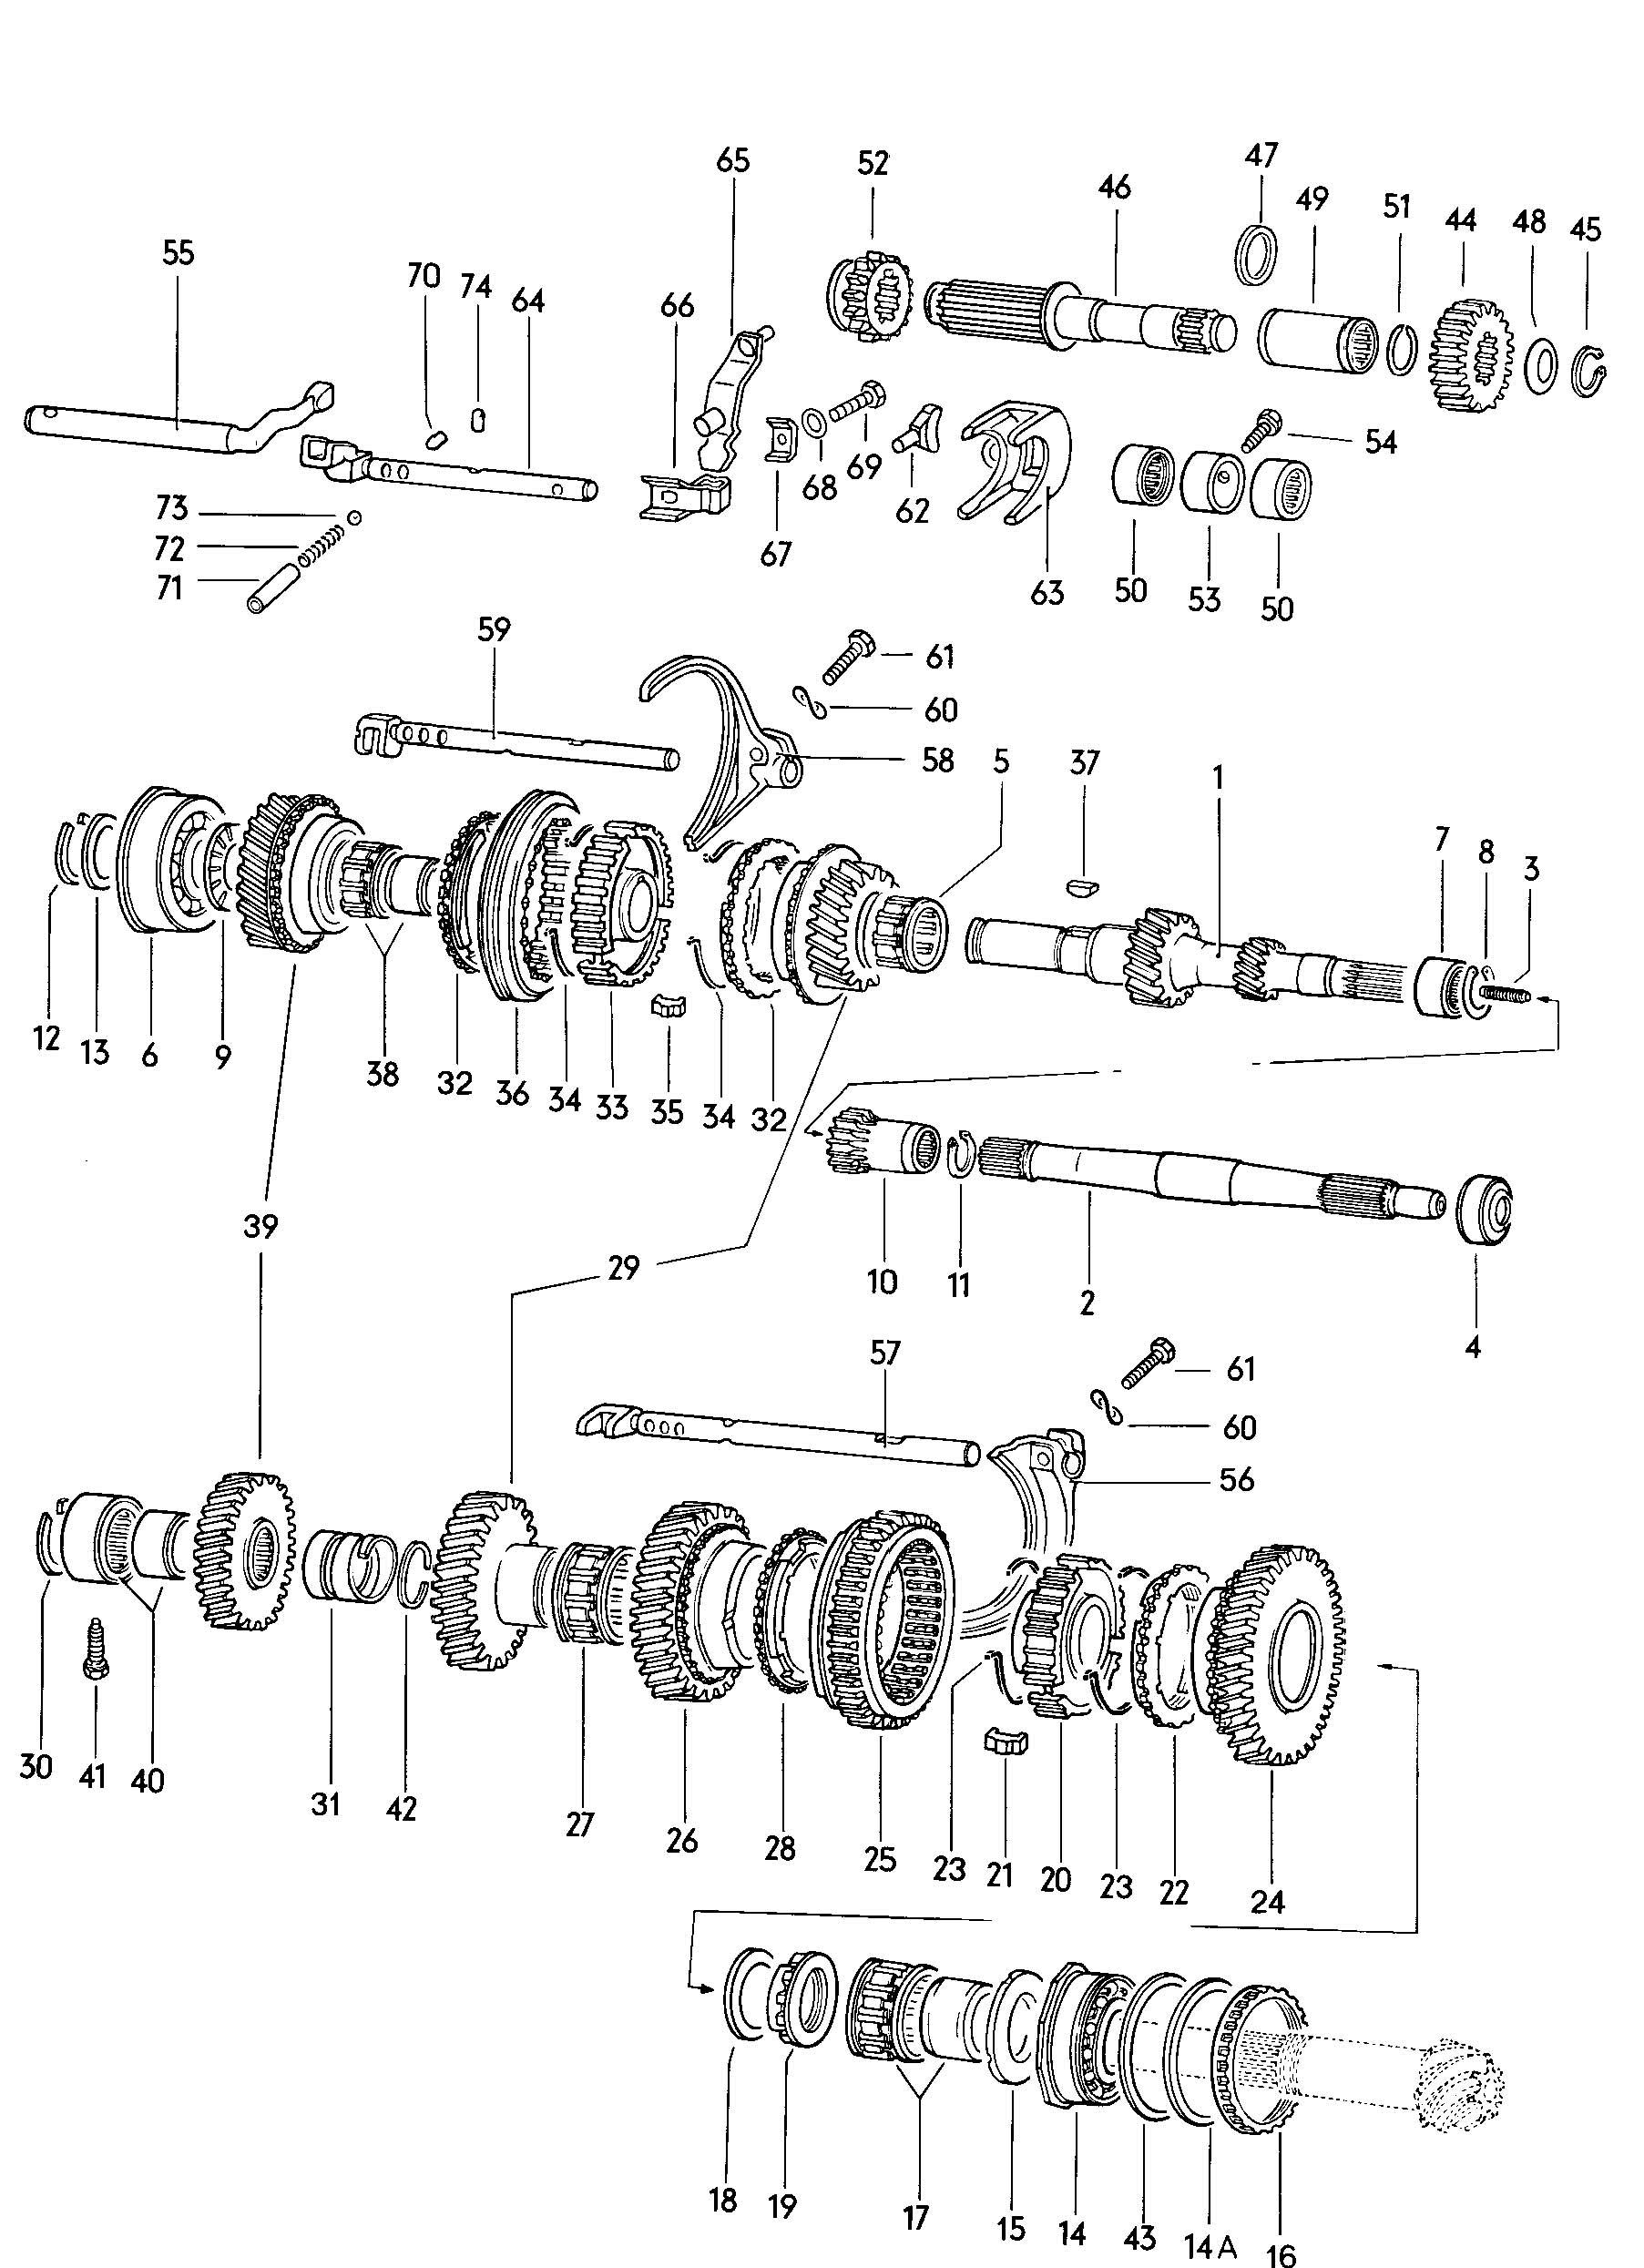 Wiring Diagram Pg 212 L110 Wiring Schematic Jpg Http Www Askmehelpdesk